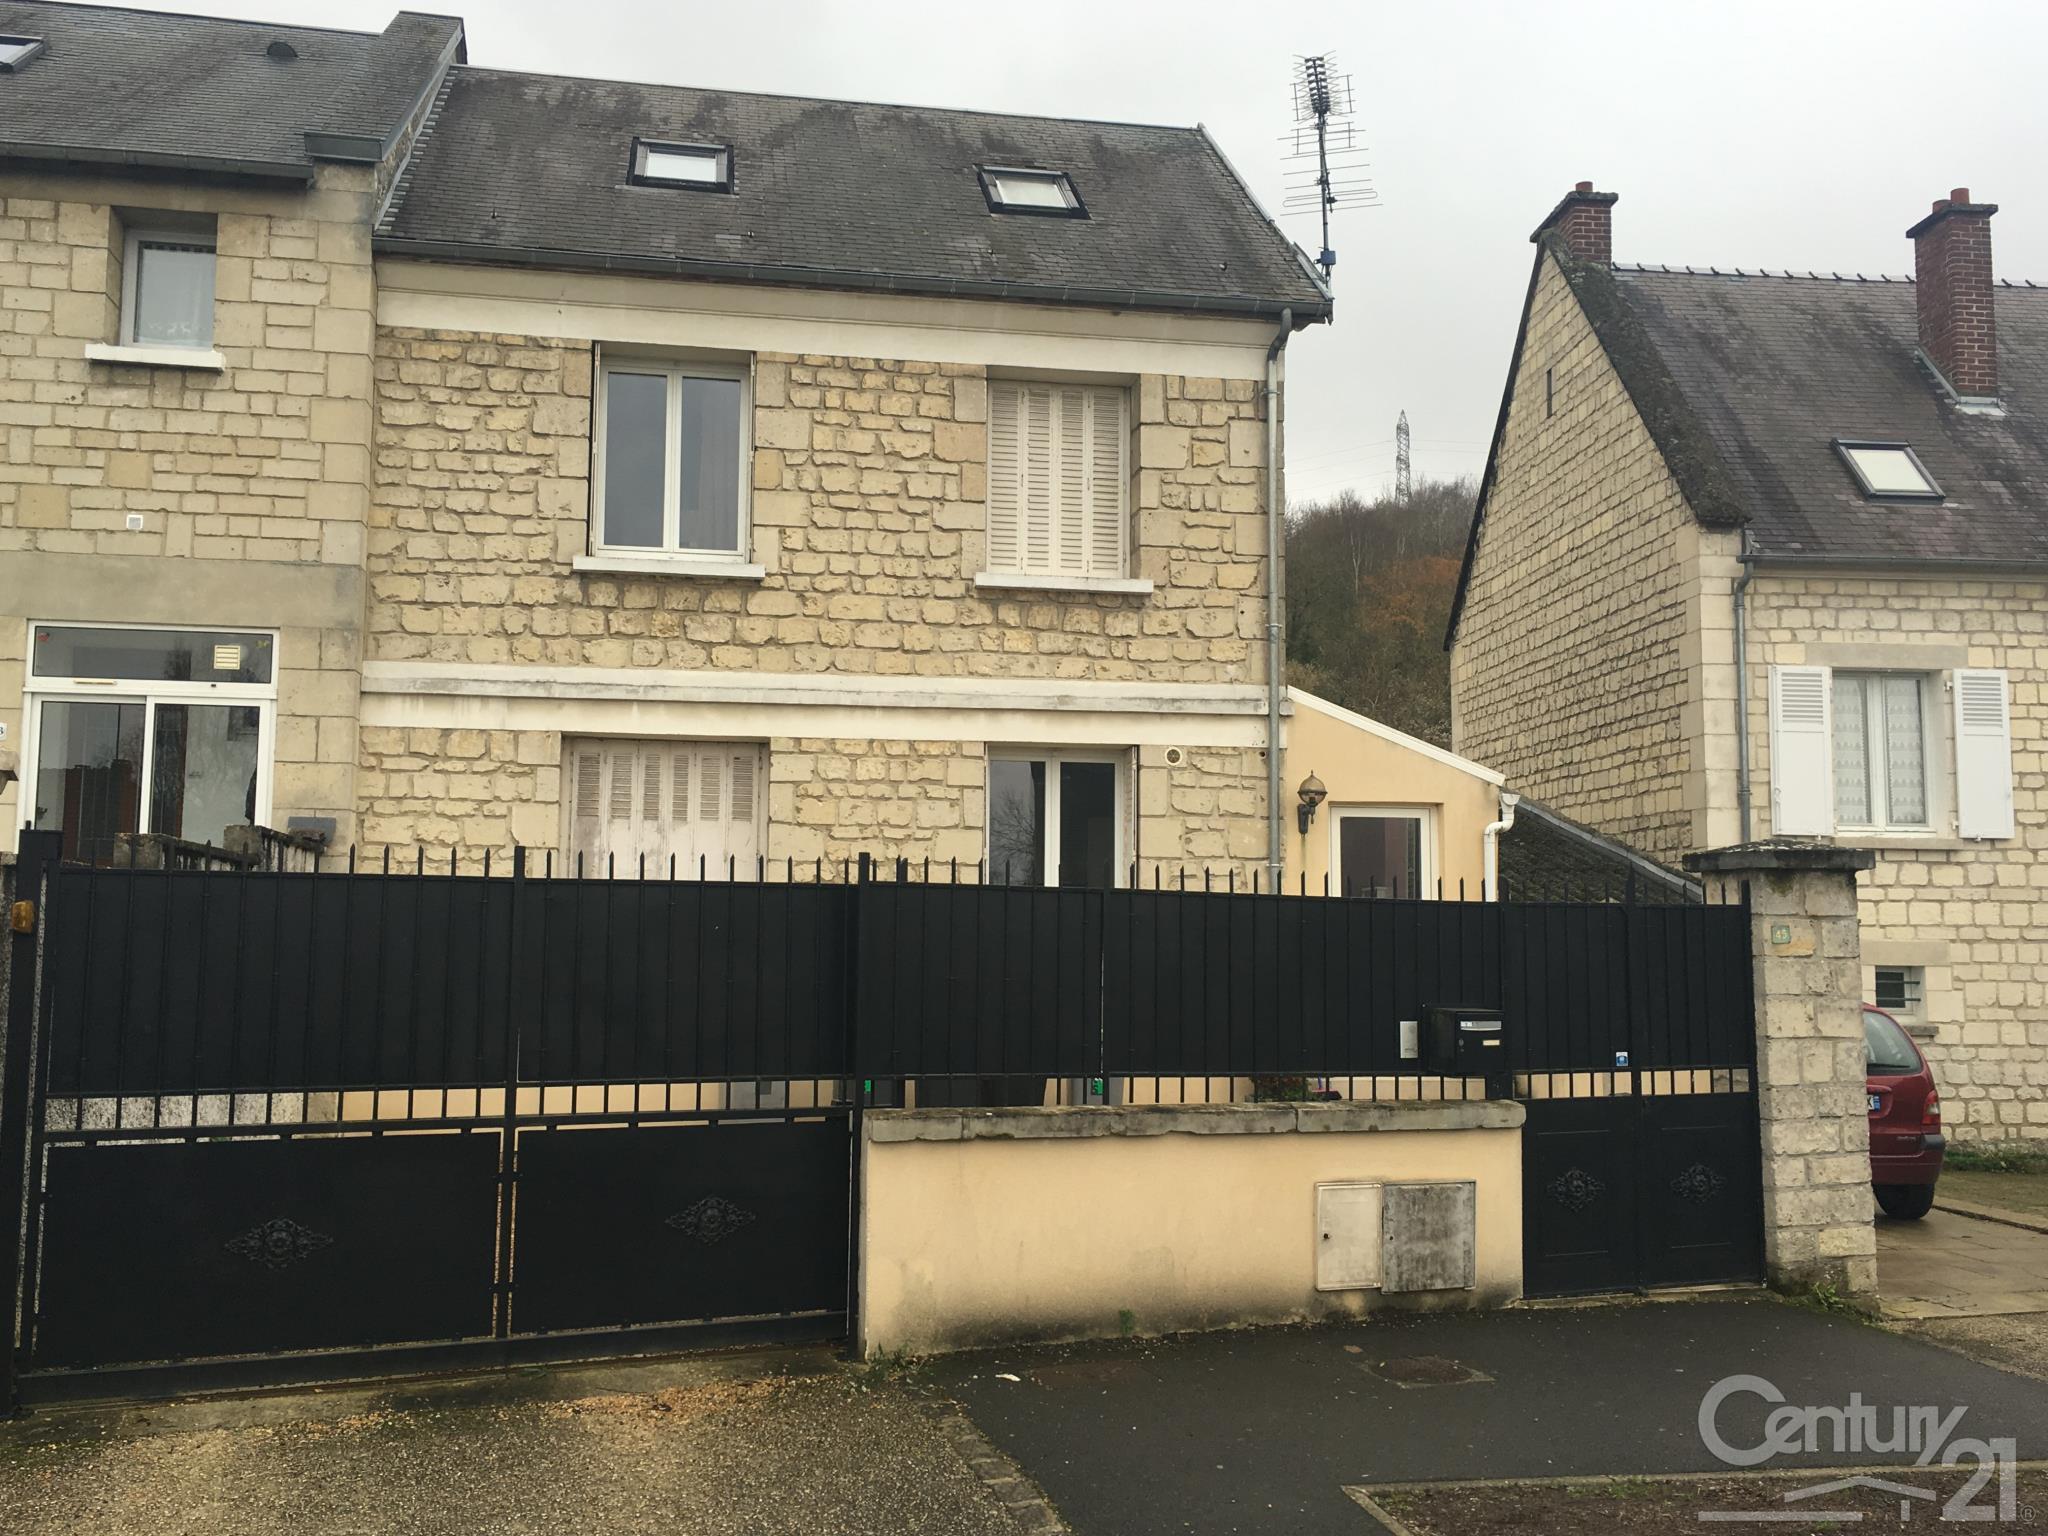 Annonce location maison soissons 02200 100 m 865 for Annonce location maison